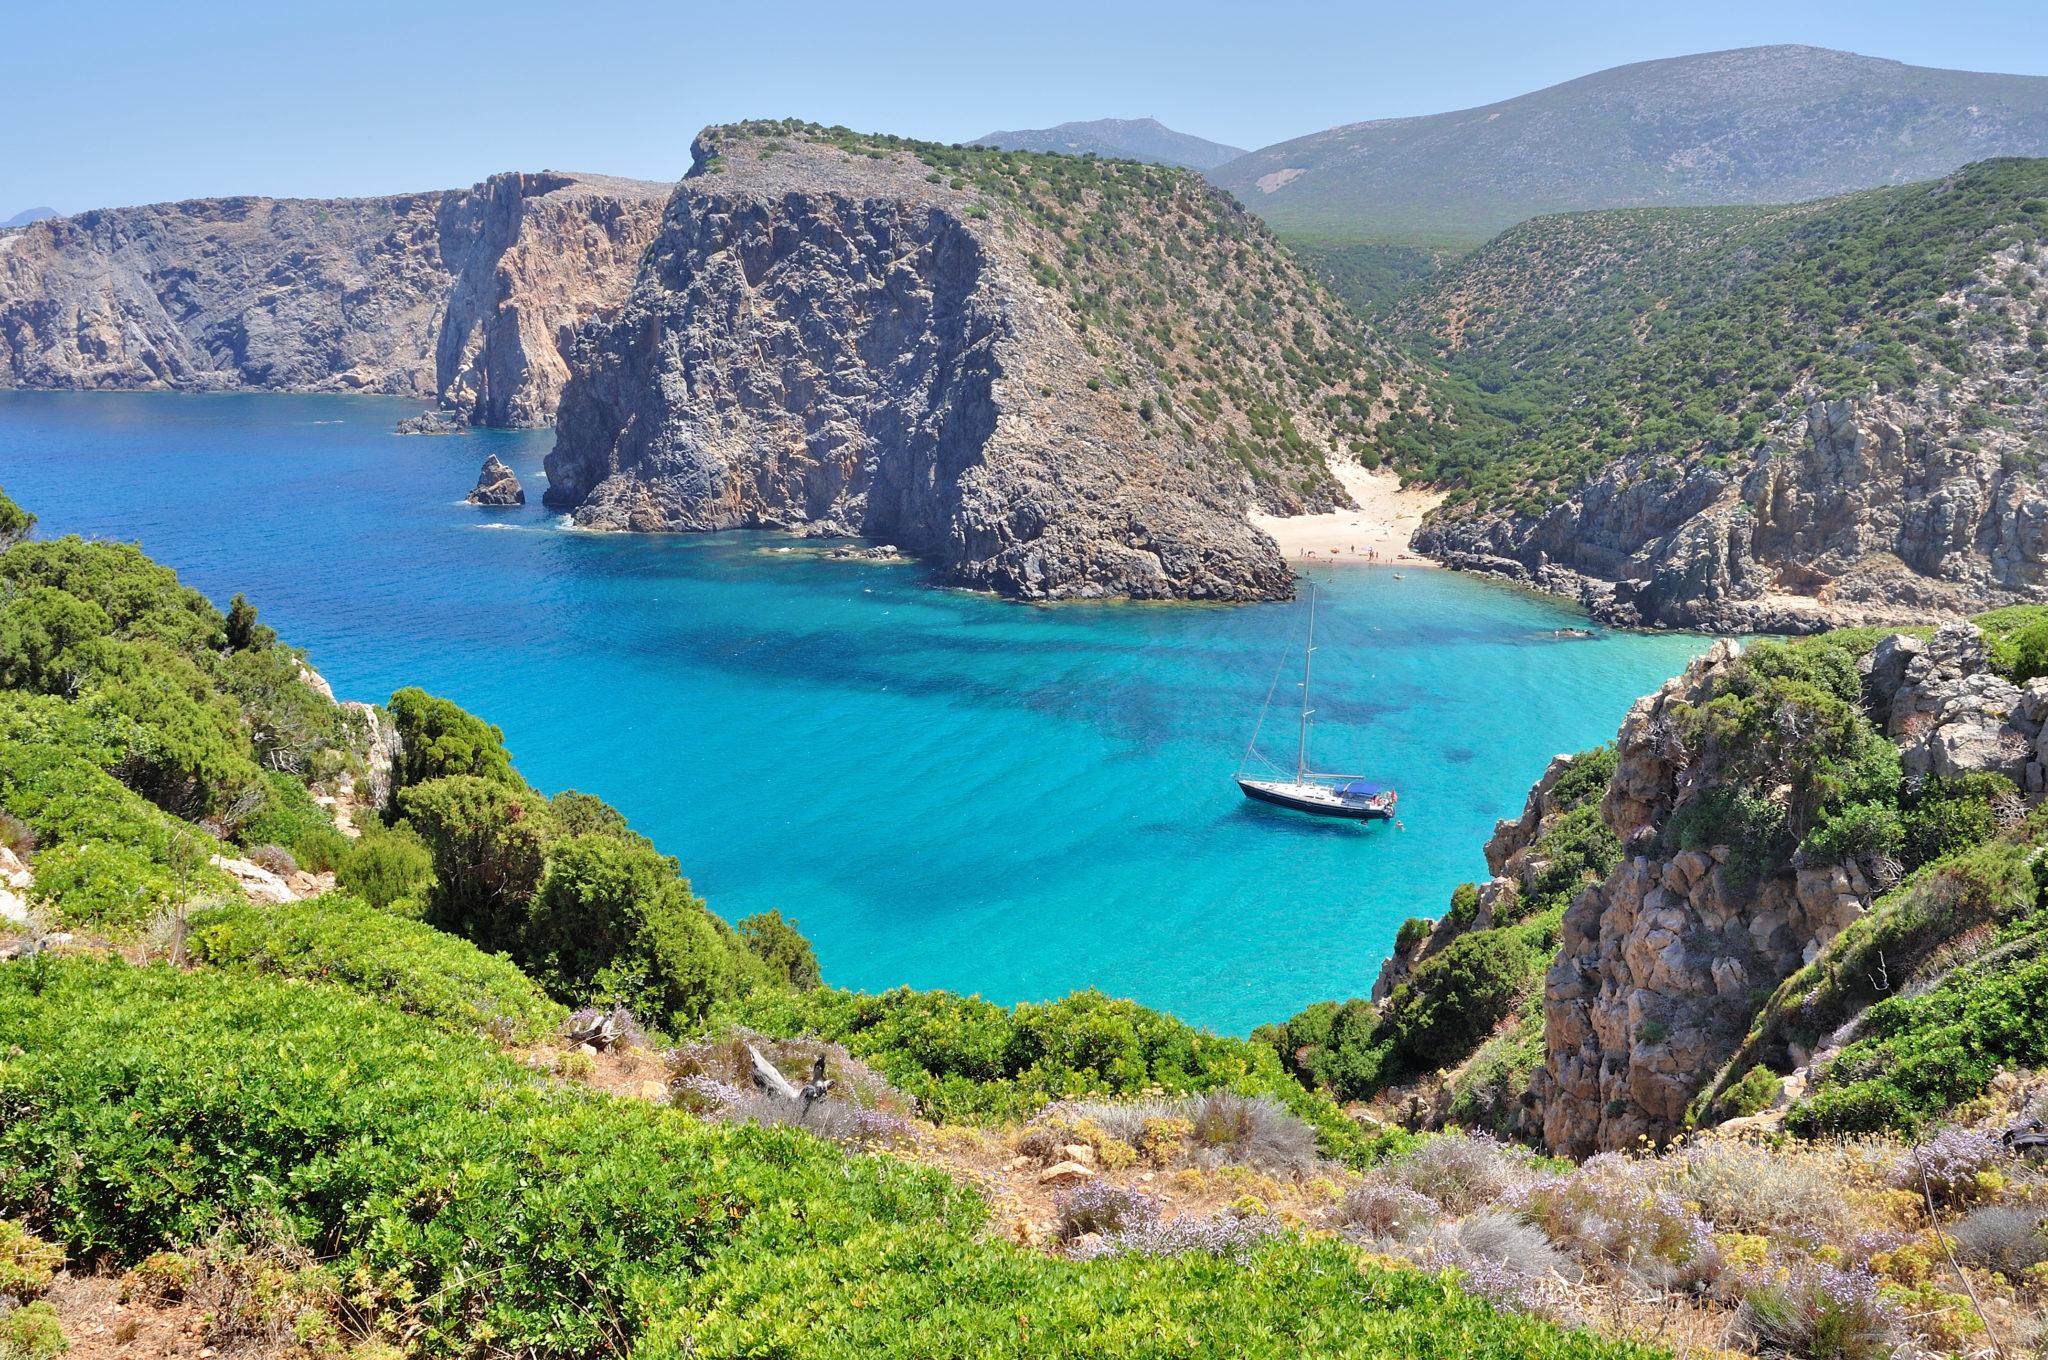 Barca a vela ancorata in una baia in Sardegna